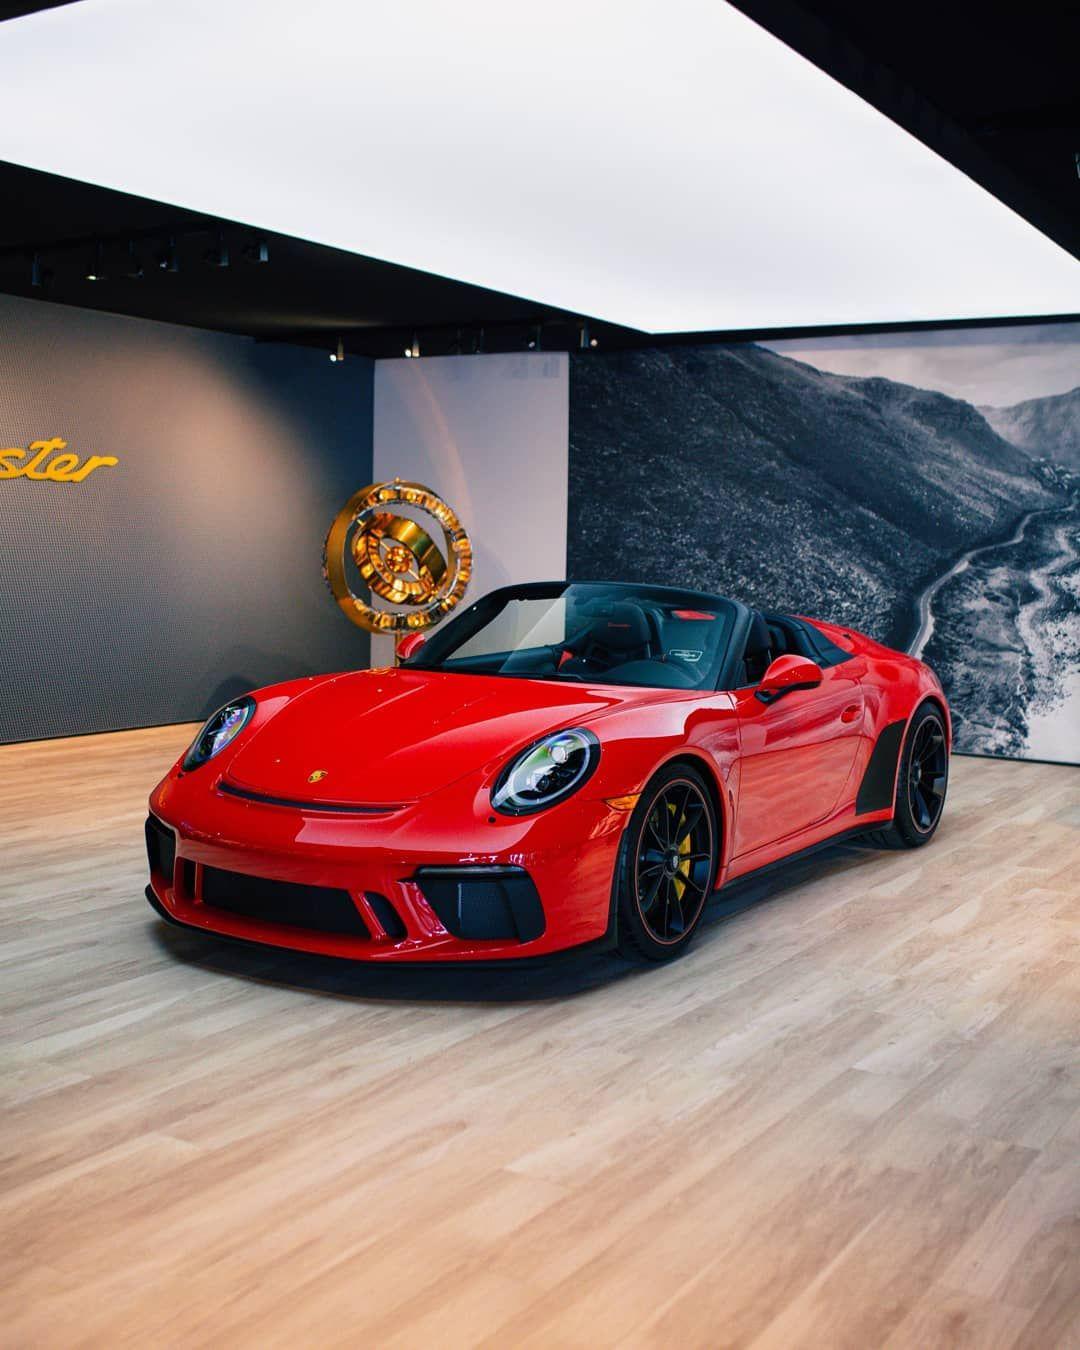 4 390 Vind Ik Leuks 9 Reacties Supercars For Sale Supercarsfor Sale Op Instagram New Porsche 991 Speedste Porsche Cars Porsche 911 Speedster Super Cars